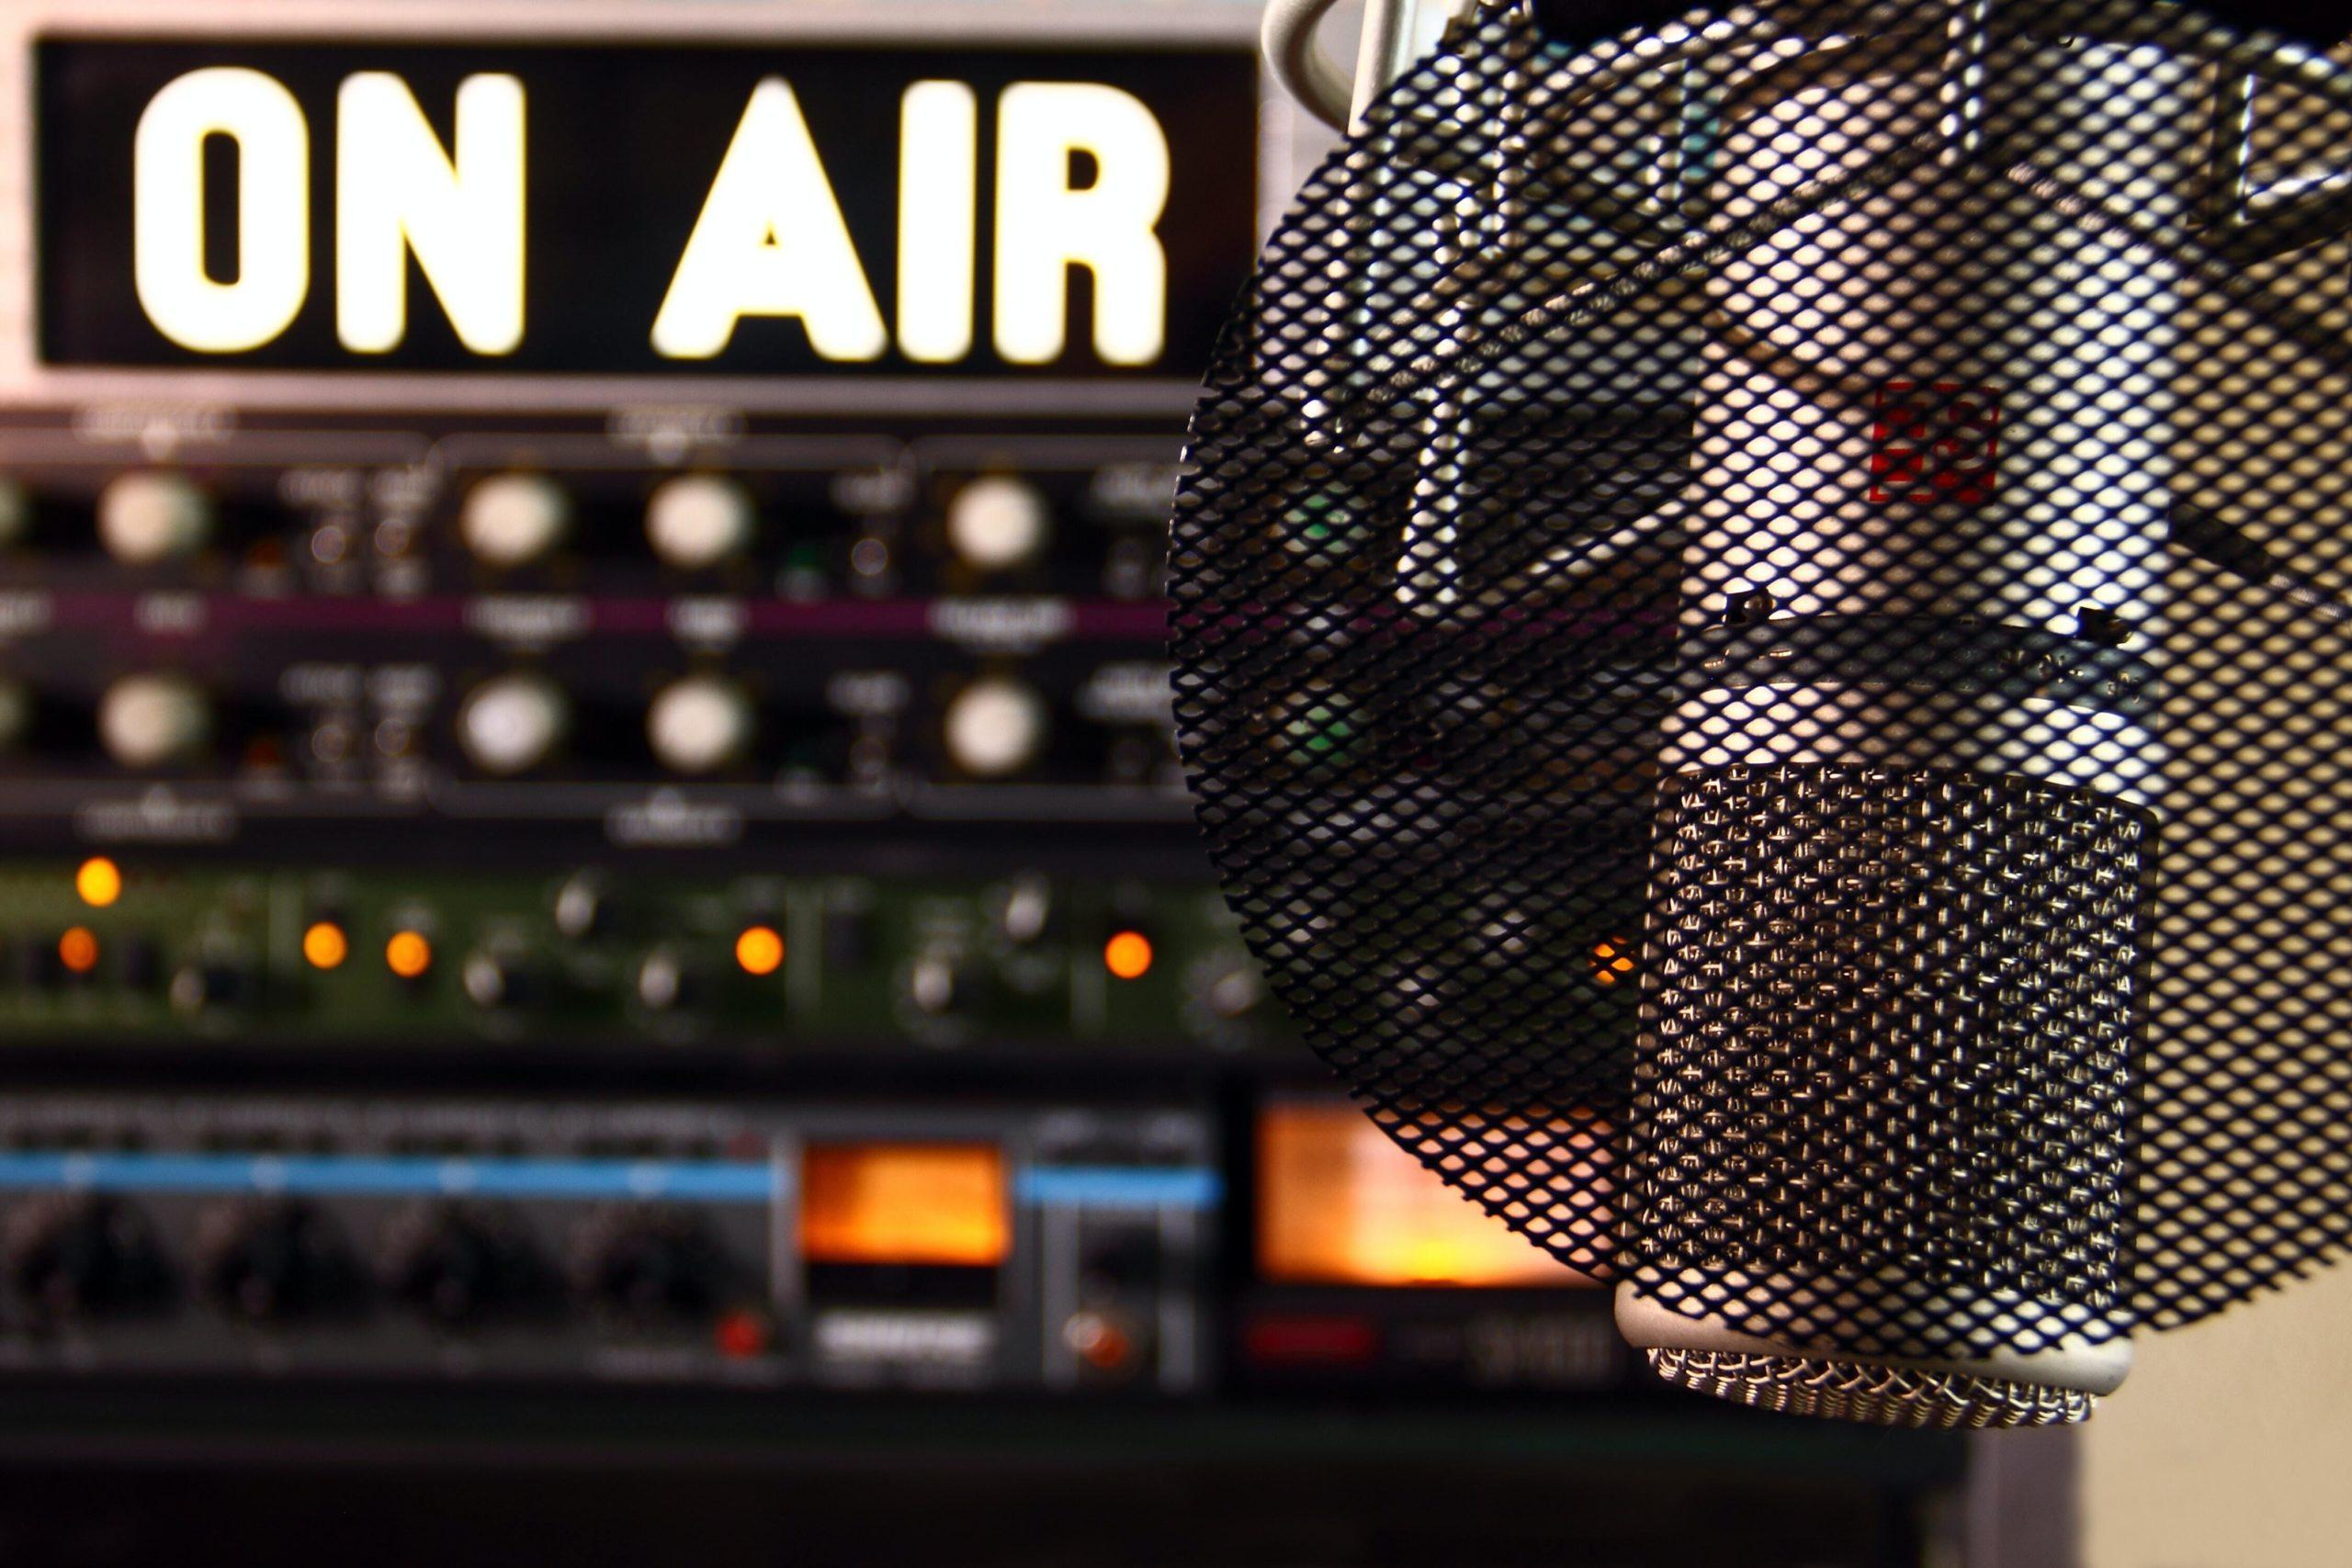 Mirofoni ja on air radio